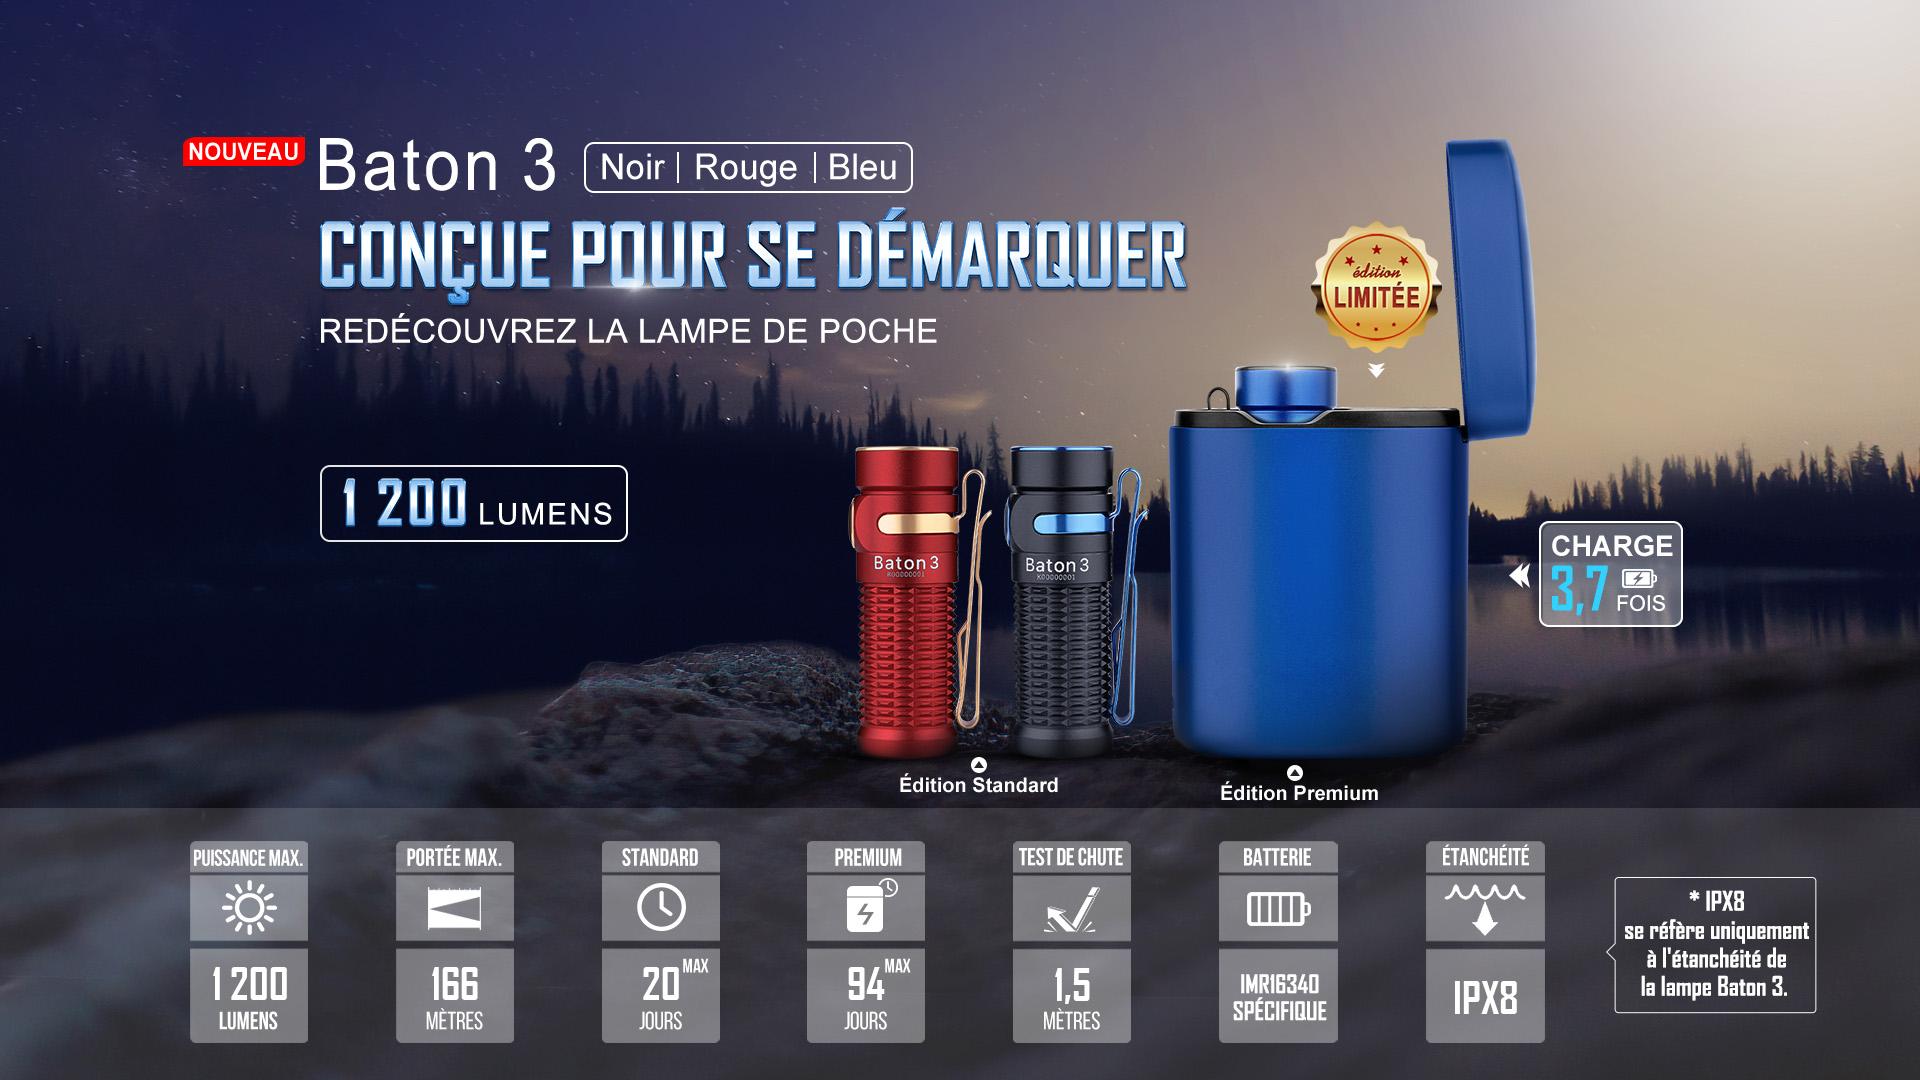 Baton 3 Édition Standard lampe de poche edc rechargeable